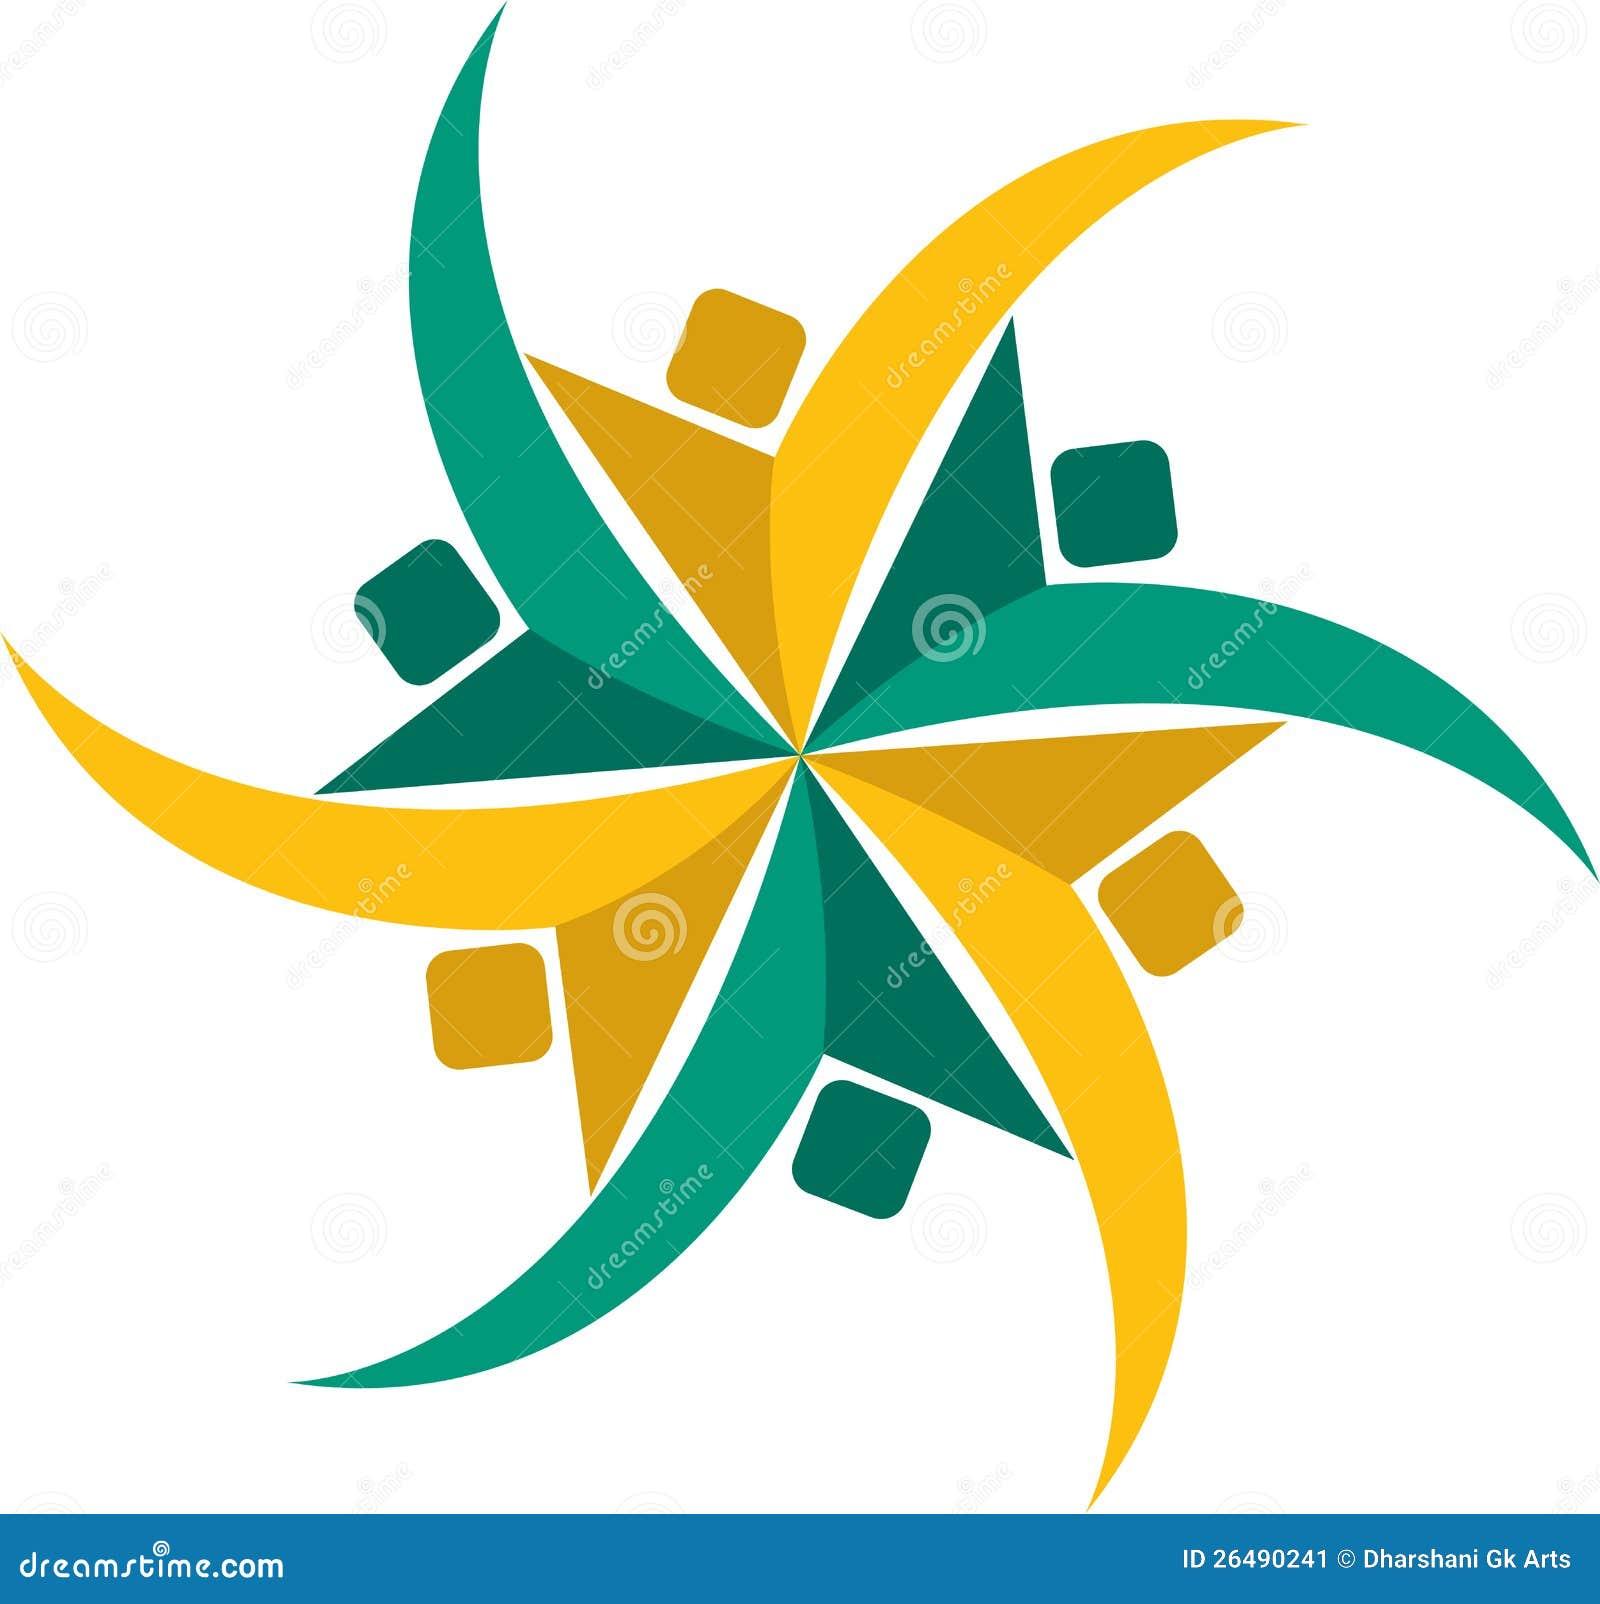 Community Logo Stock Image - Image: 26490241